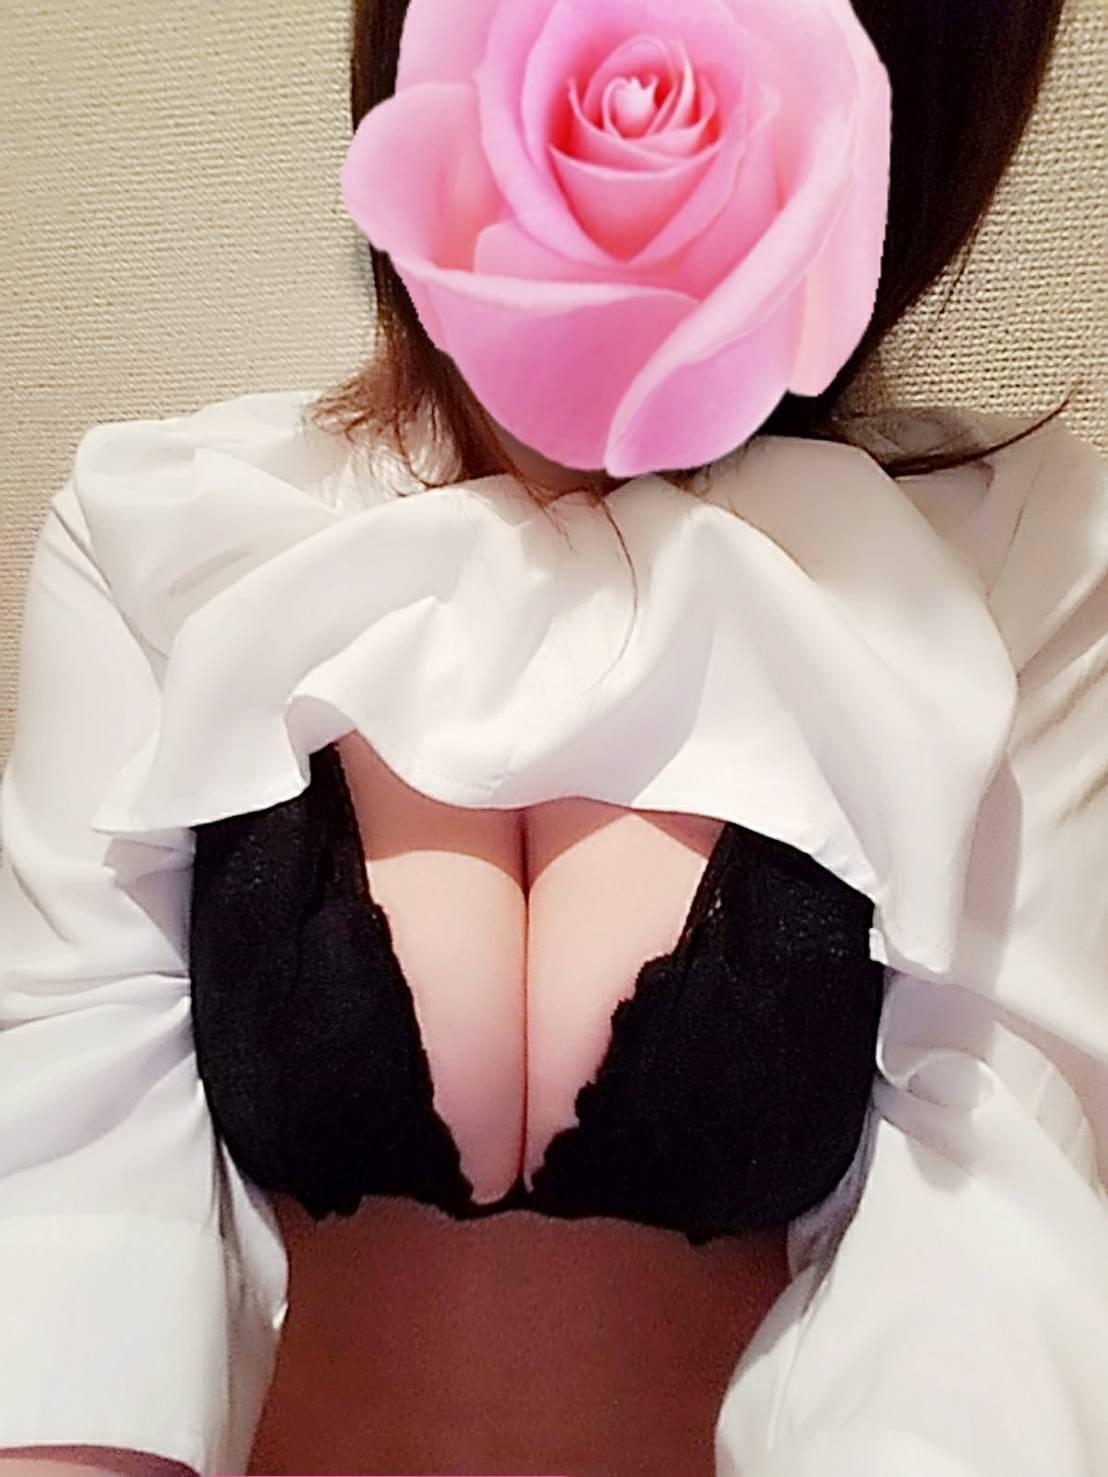 「ご予約ありがとう♪」10/24(水) 02:46   ひめなの写メ・風俗動画